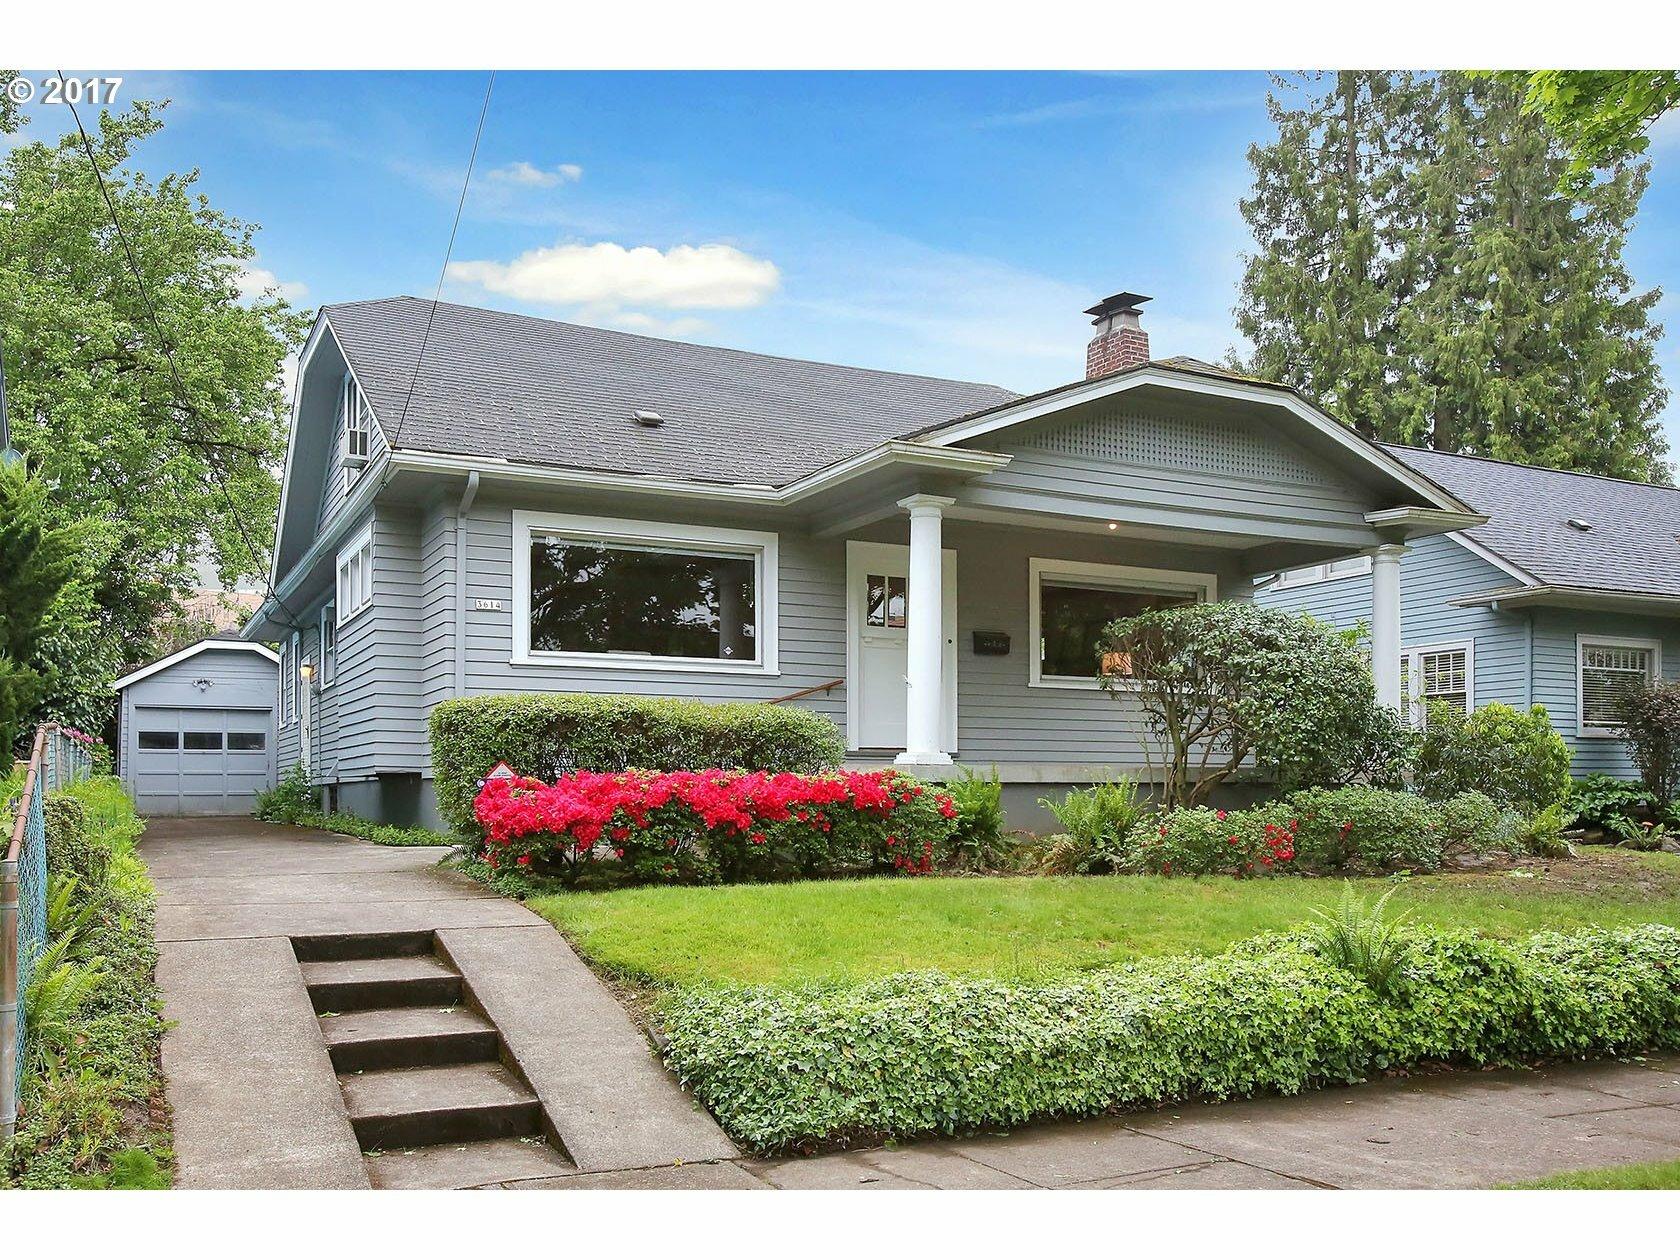 3614 Ne 18th Ave, Portland, OR - USA (photo 1)